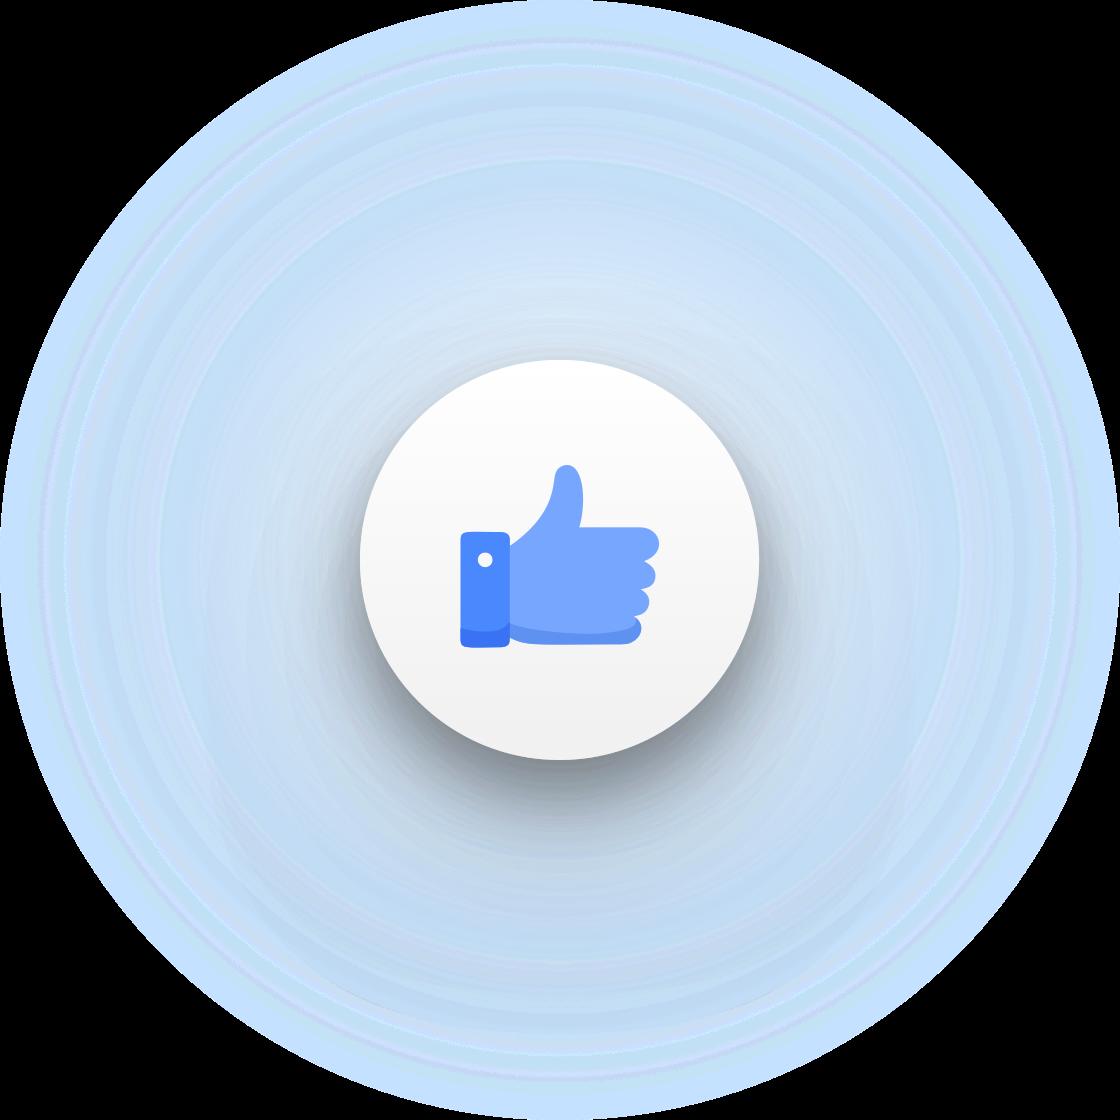 c0aa89925d3 Det samler al din kundekommunikation ét sted og hjælper dig med at give dine  kunder en bedre oplevelse. Så de kommer tilbage, når de har brug for en ...